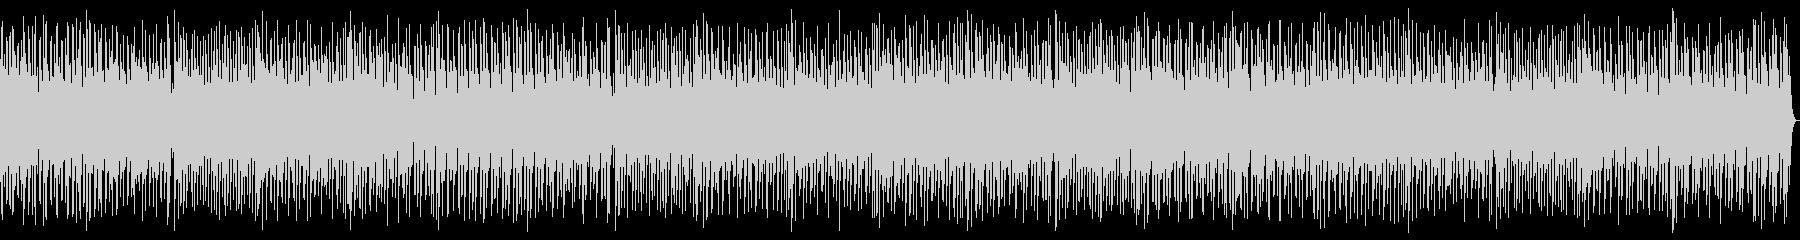 ピアノ、アコーディオン、スタンドア...の未再生の波形